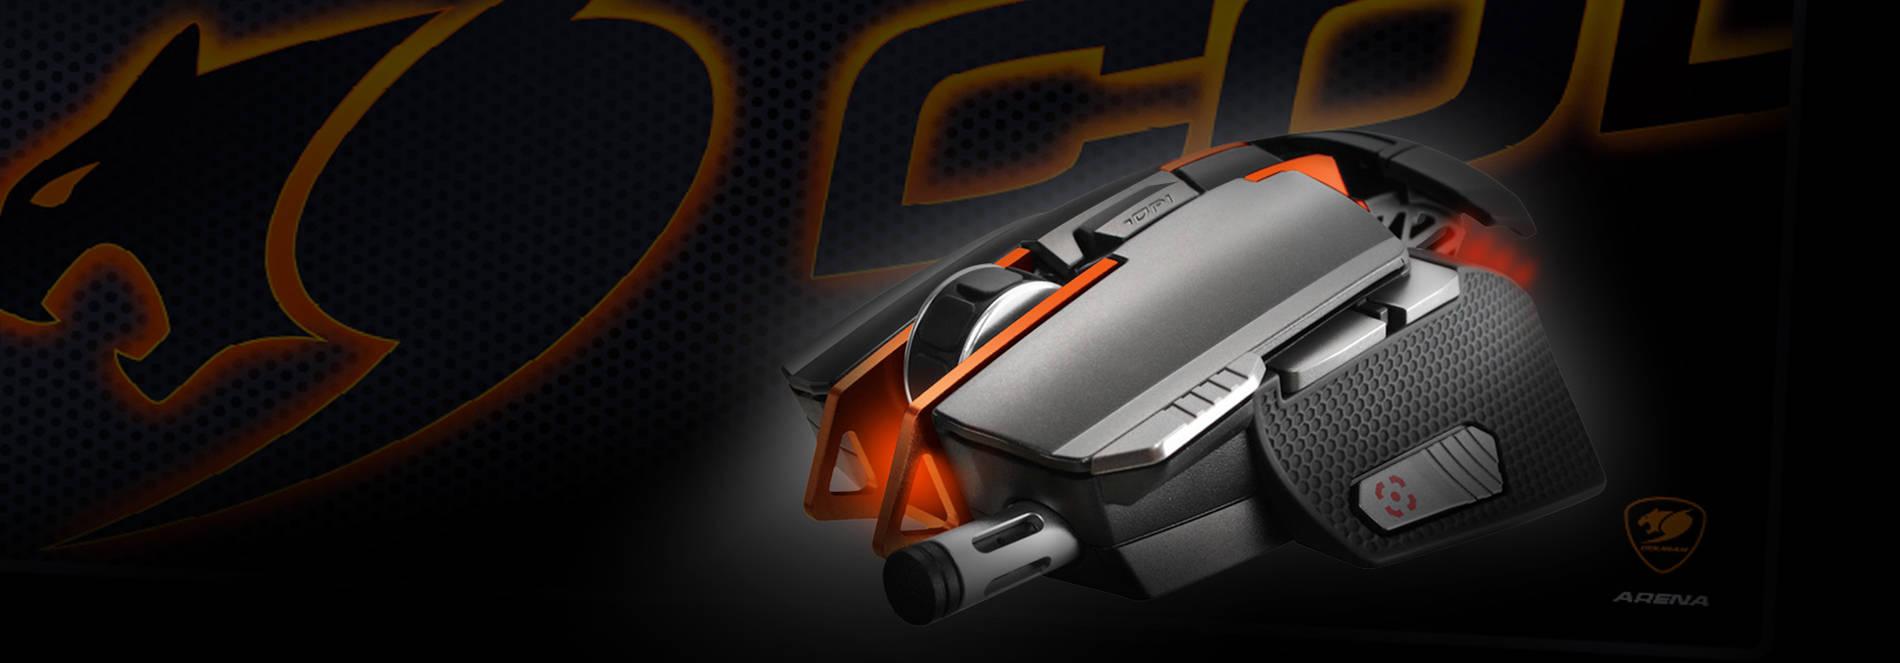 Игровая мышка Cougar 700M Superior. Фото 1